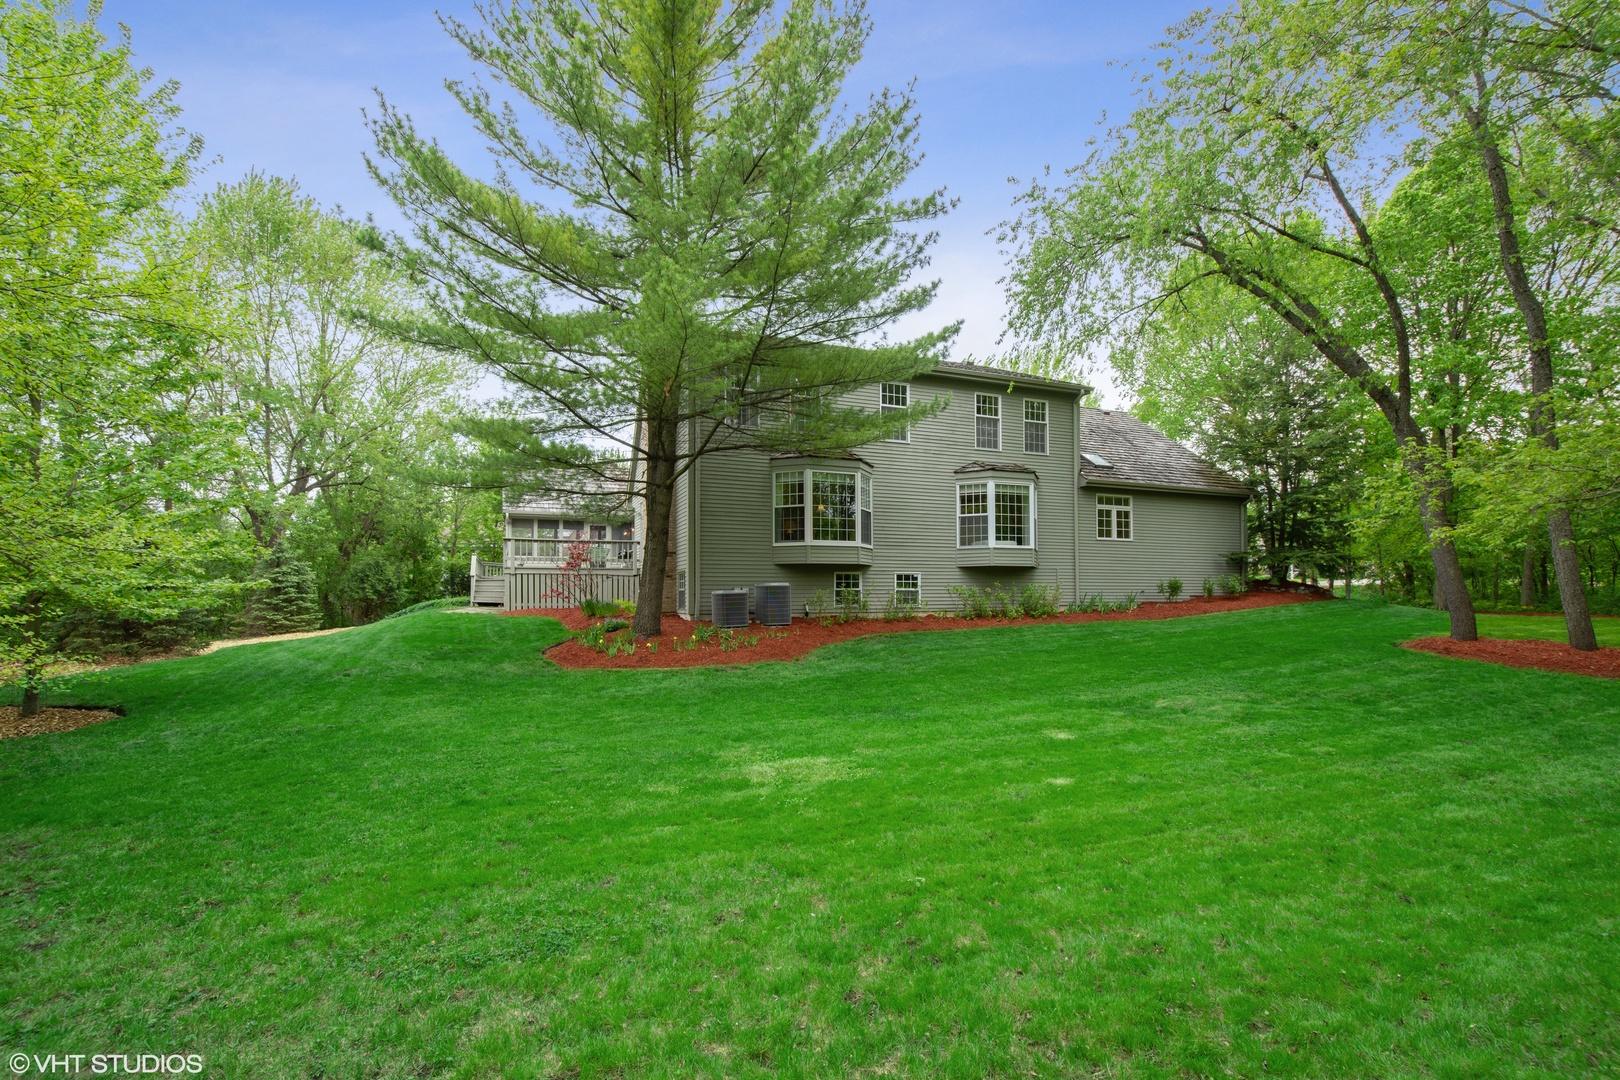 516 West Shady, BARRINGTON, Illinois, 60010